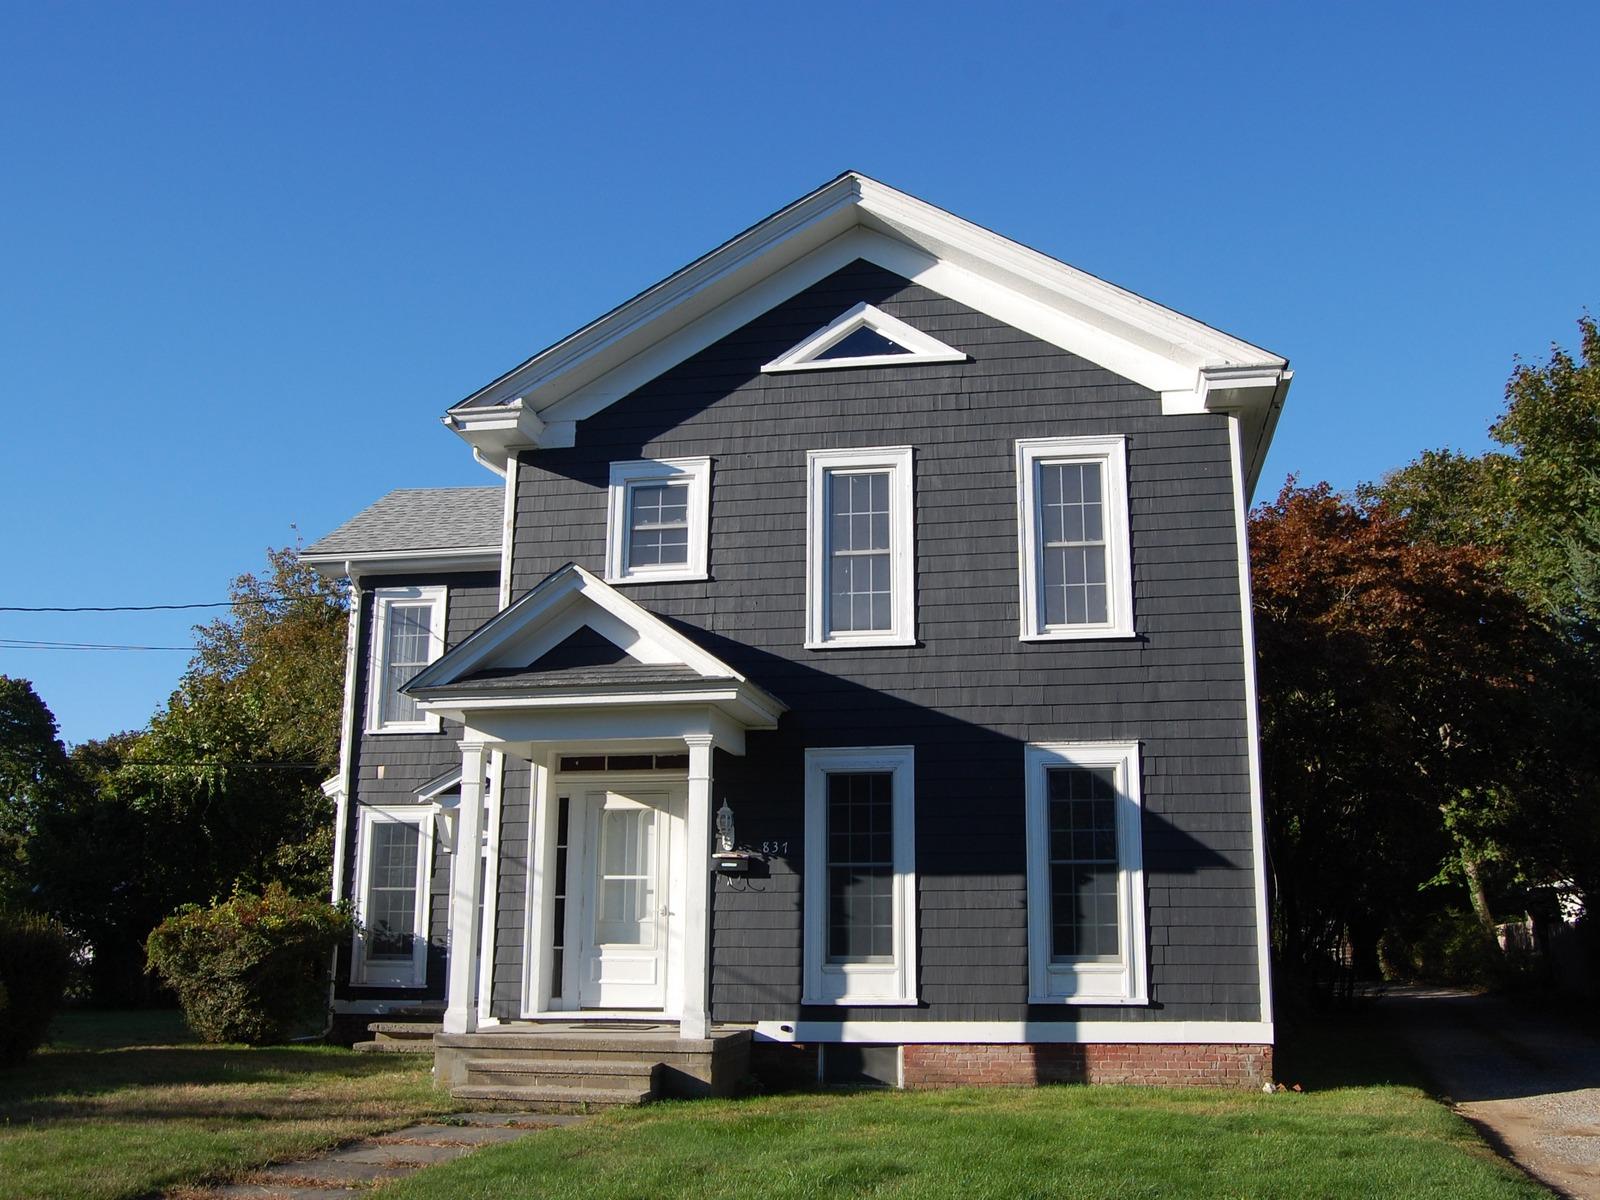 Einfamilienhaus für Verkauf beim AntiqueHist 837 Main St Greenport, New York, 11944 Vereinigte Staaten